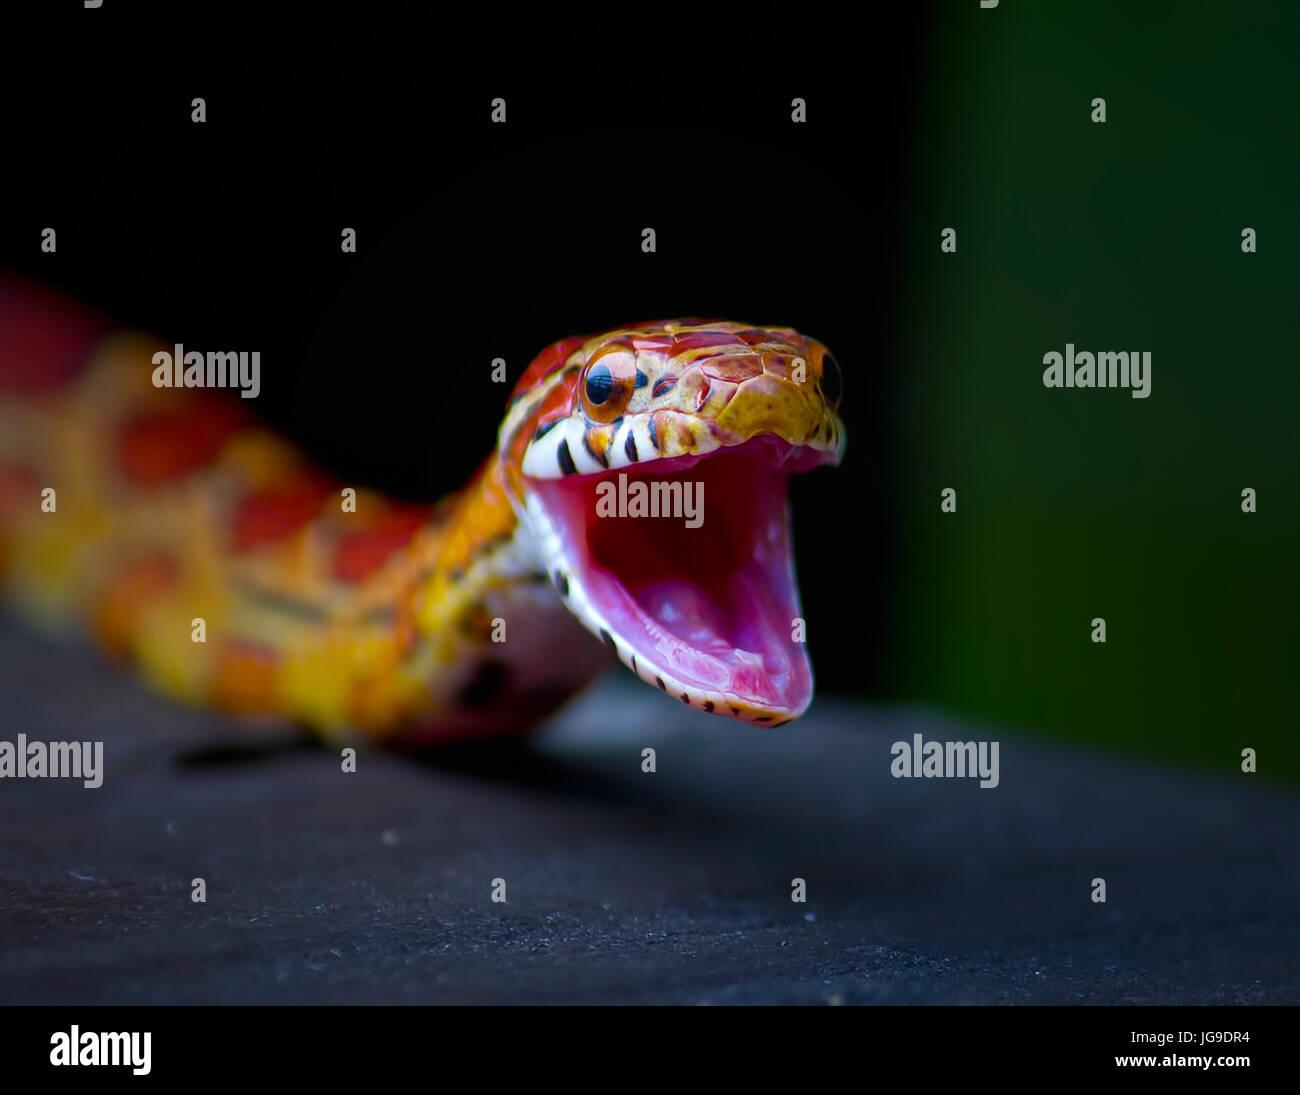 Un petit Red Rat Snake ouvre grand la bouche c'est dans les Everglades de Floride dans ce portrait. Couleuvre Photo Stock